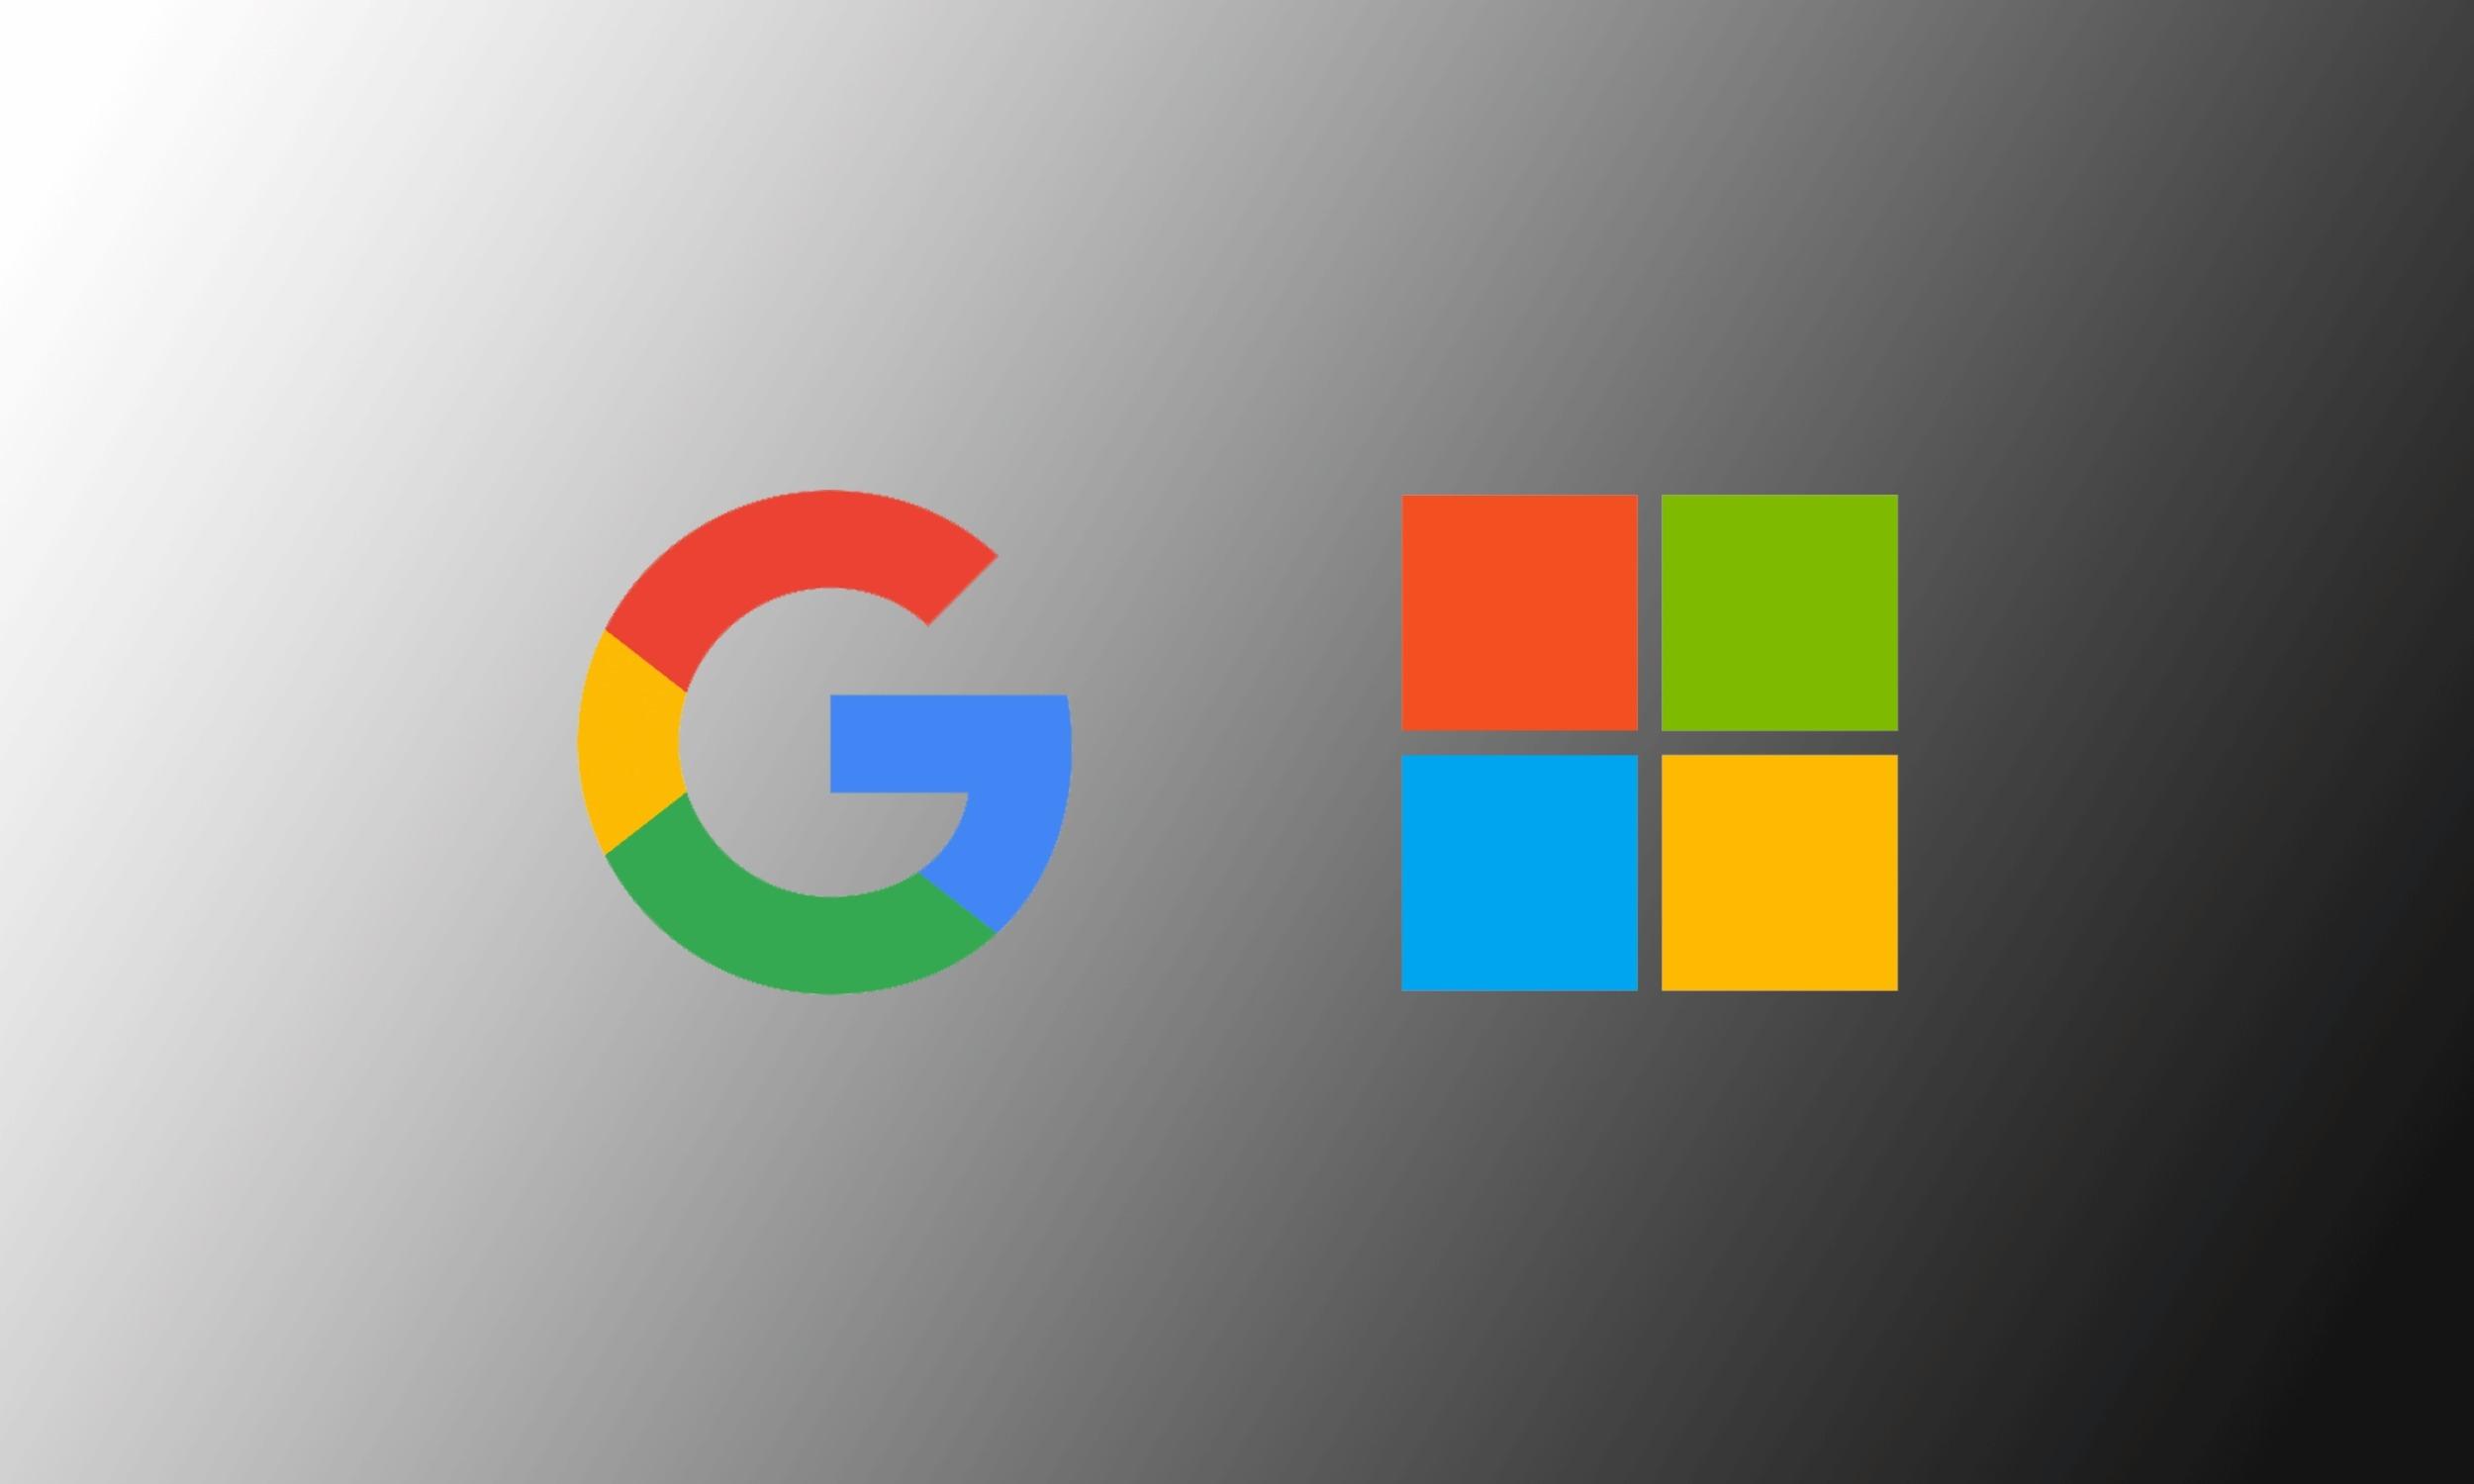 Microsoft spolupracuje s Googlem na lepší podpoře PWA aplikací